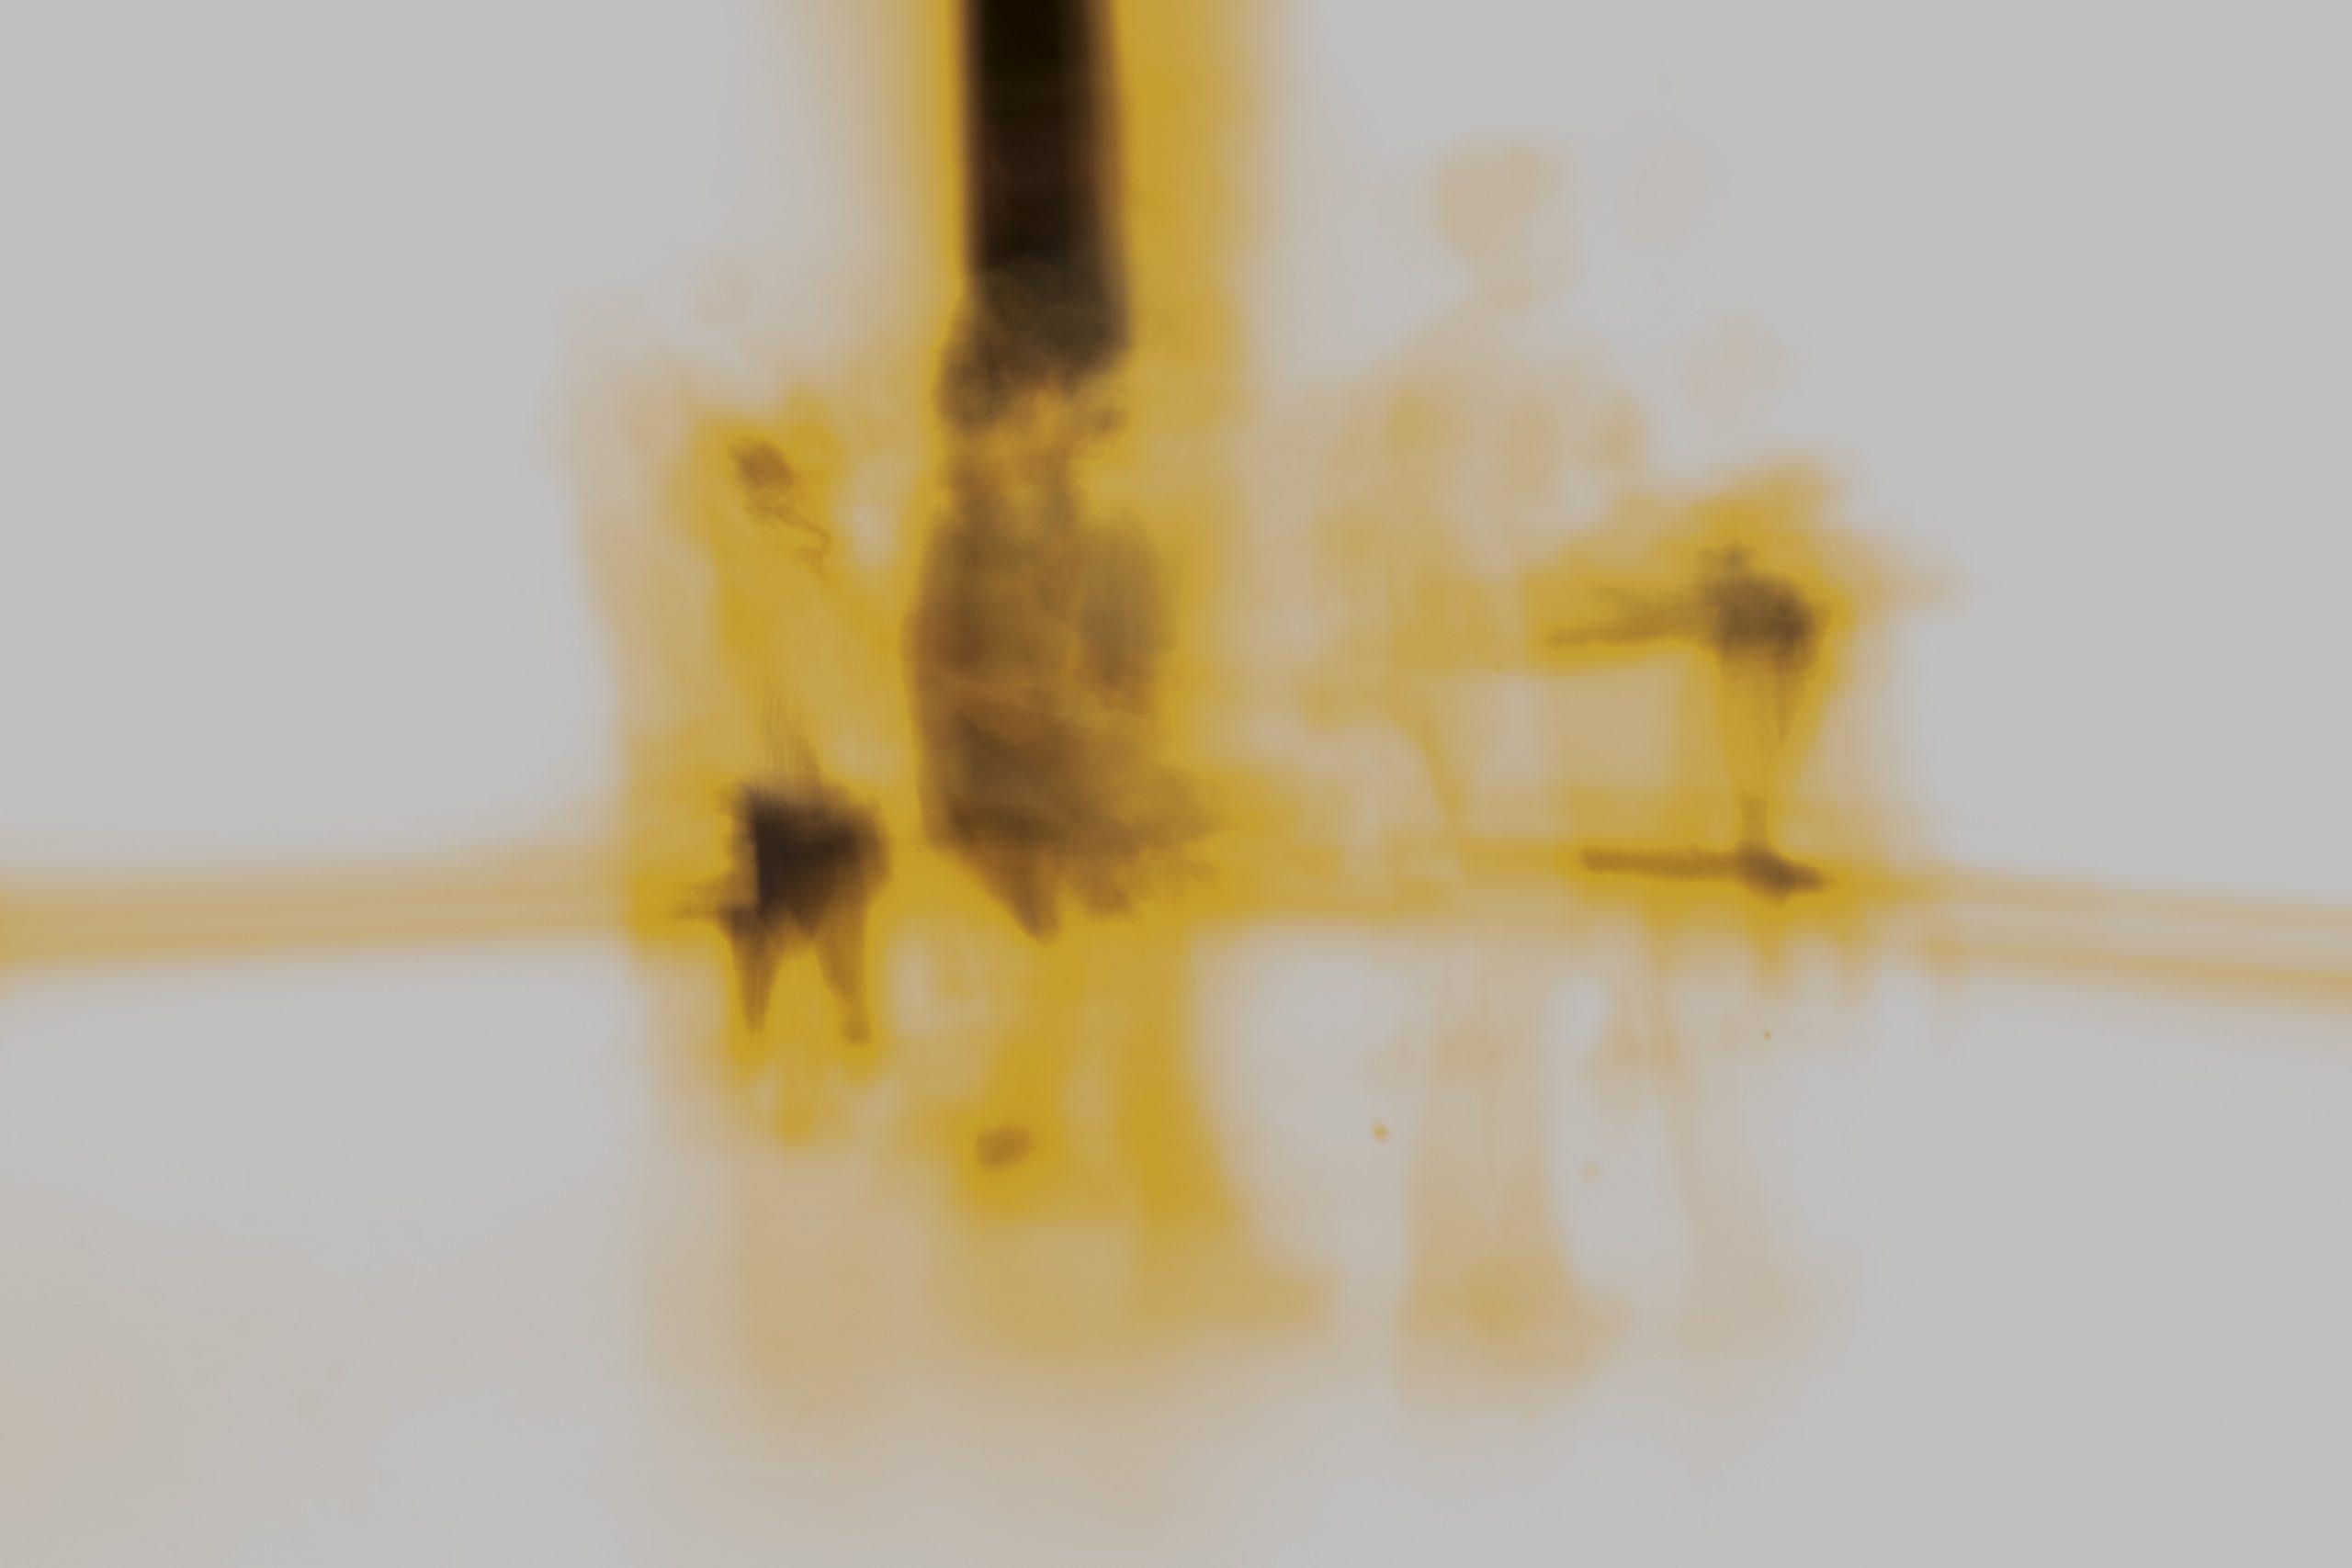 Divyamaan Sahoo - Title: Untitled (Documentation)